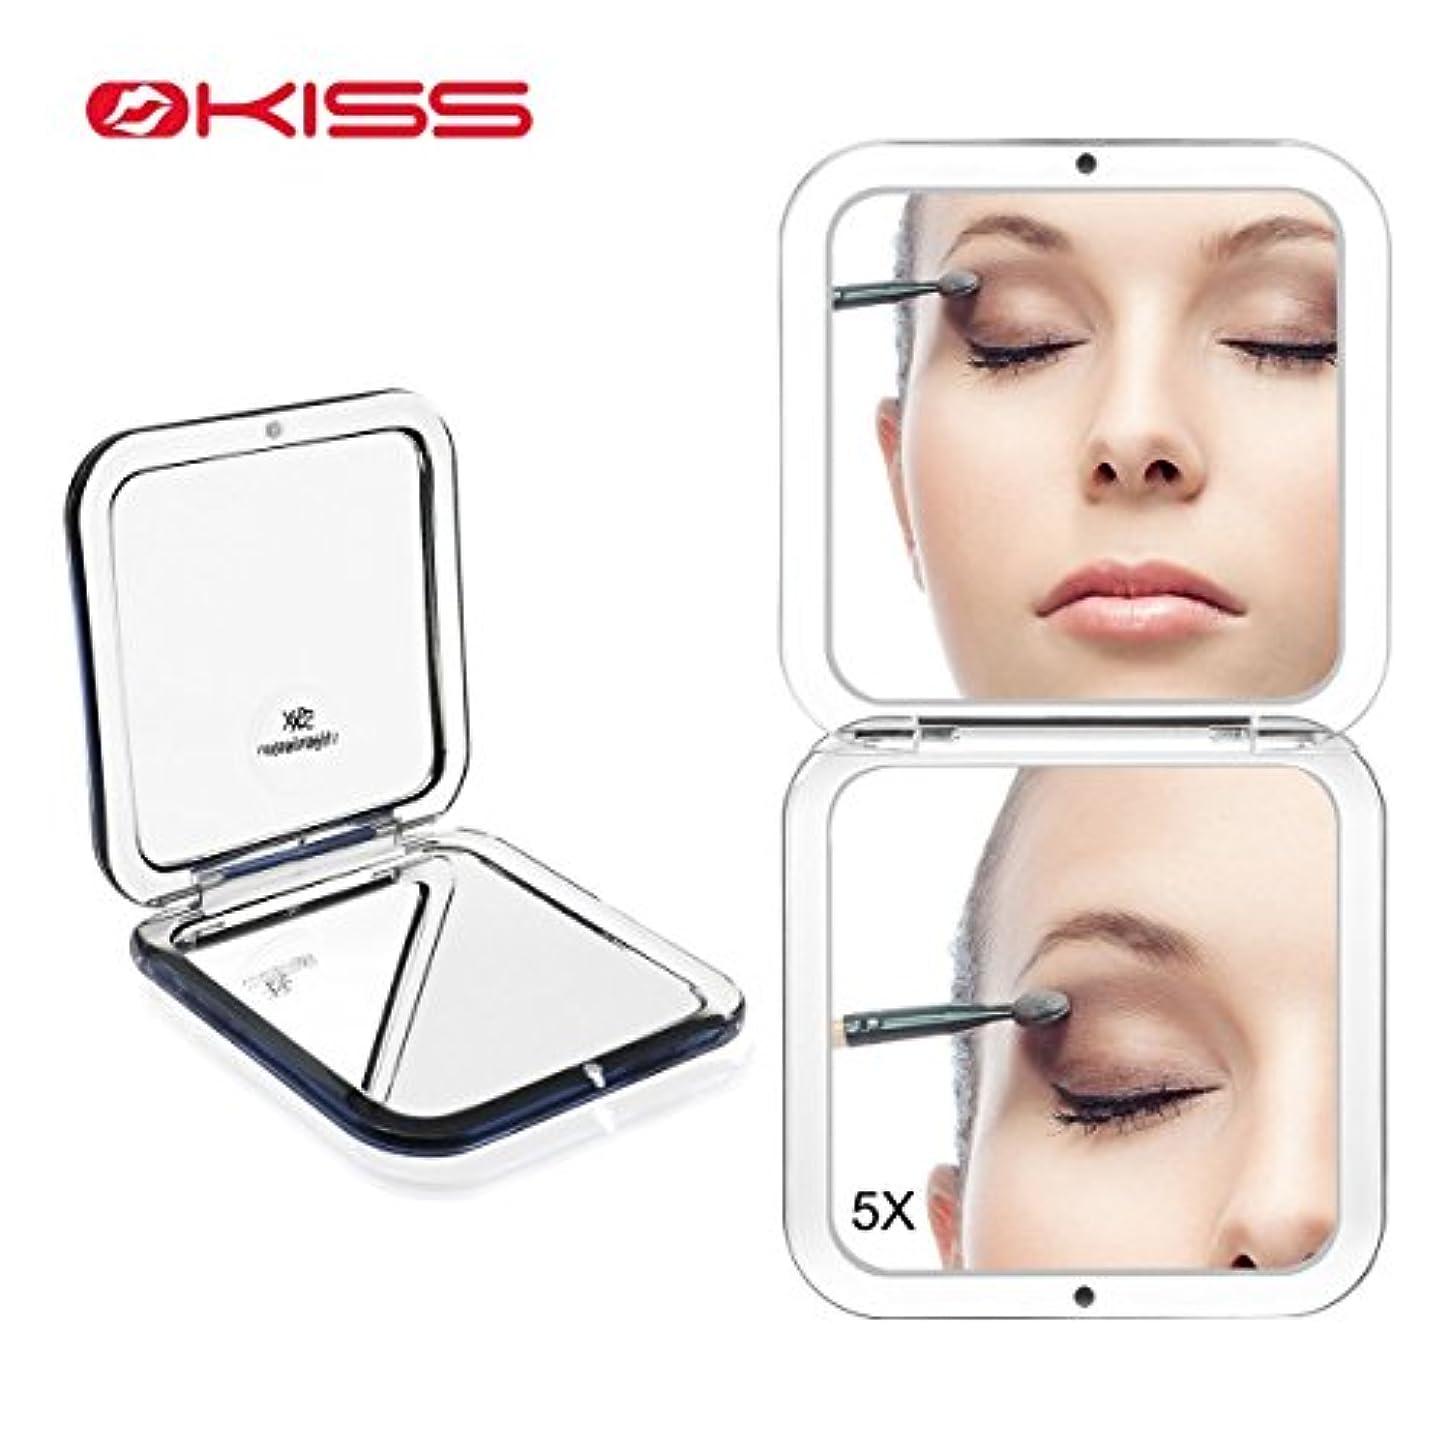 コンパスカブ委任するOKISS ハンドミラー 手鏡 メンズ コンパクトミラー 化粧鏡 ミラー 5倍拡大鏡+等倍鏡 両面 メンズ 携帯ミラー 折りたたみ おしゃれ 外出 持ち運び便利